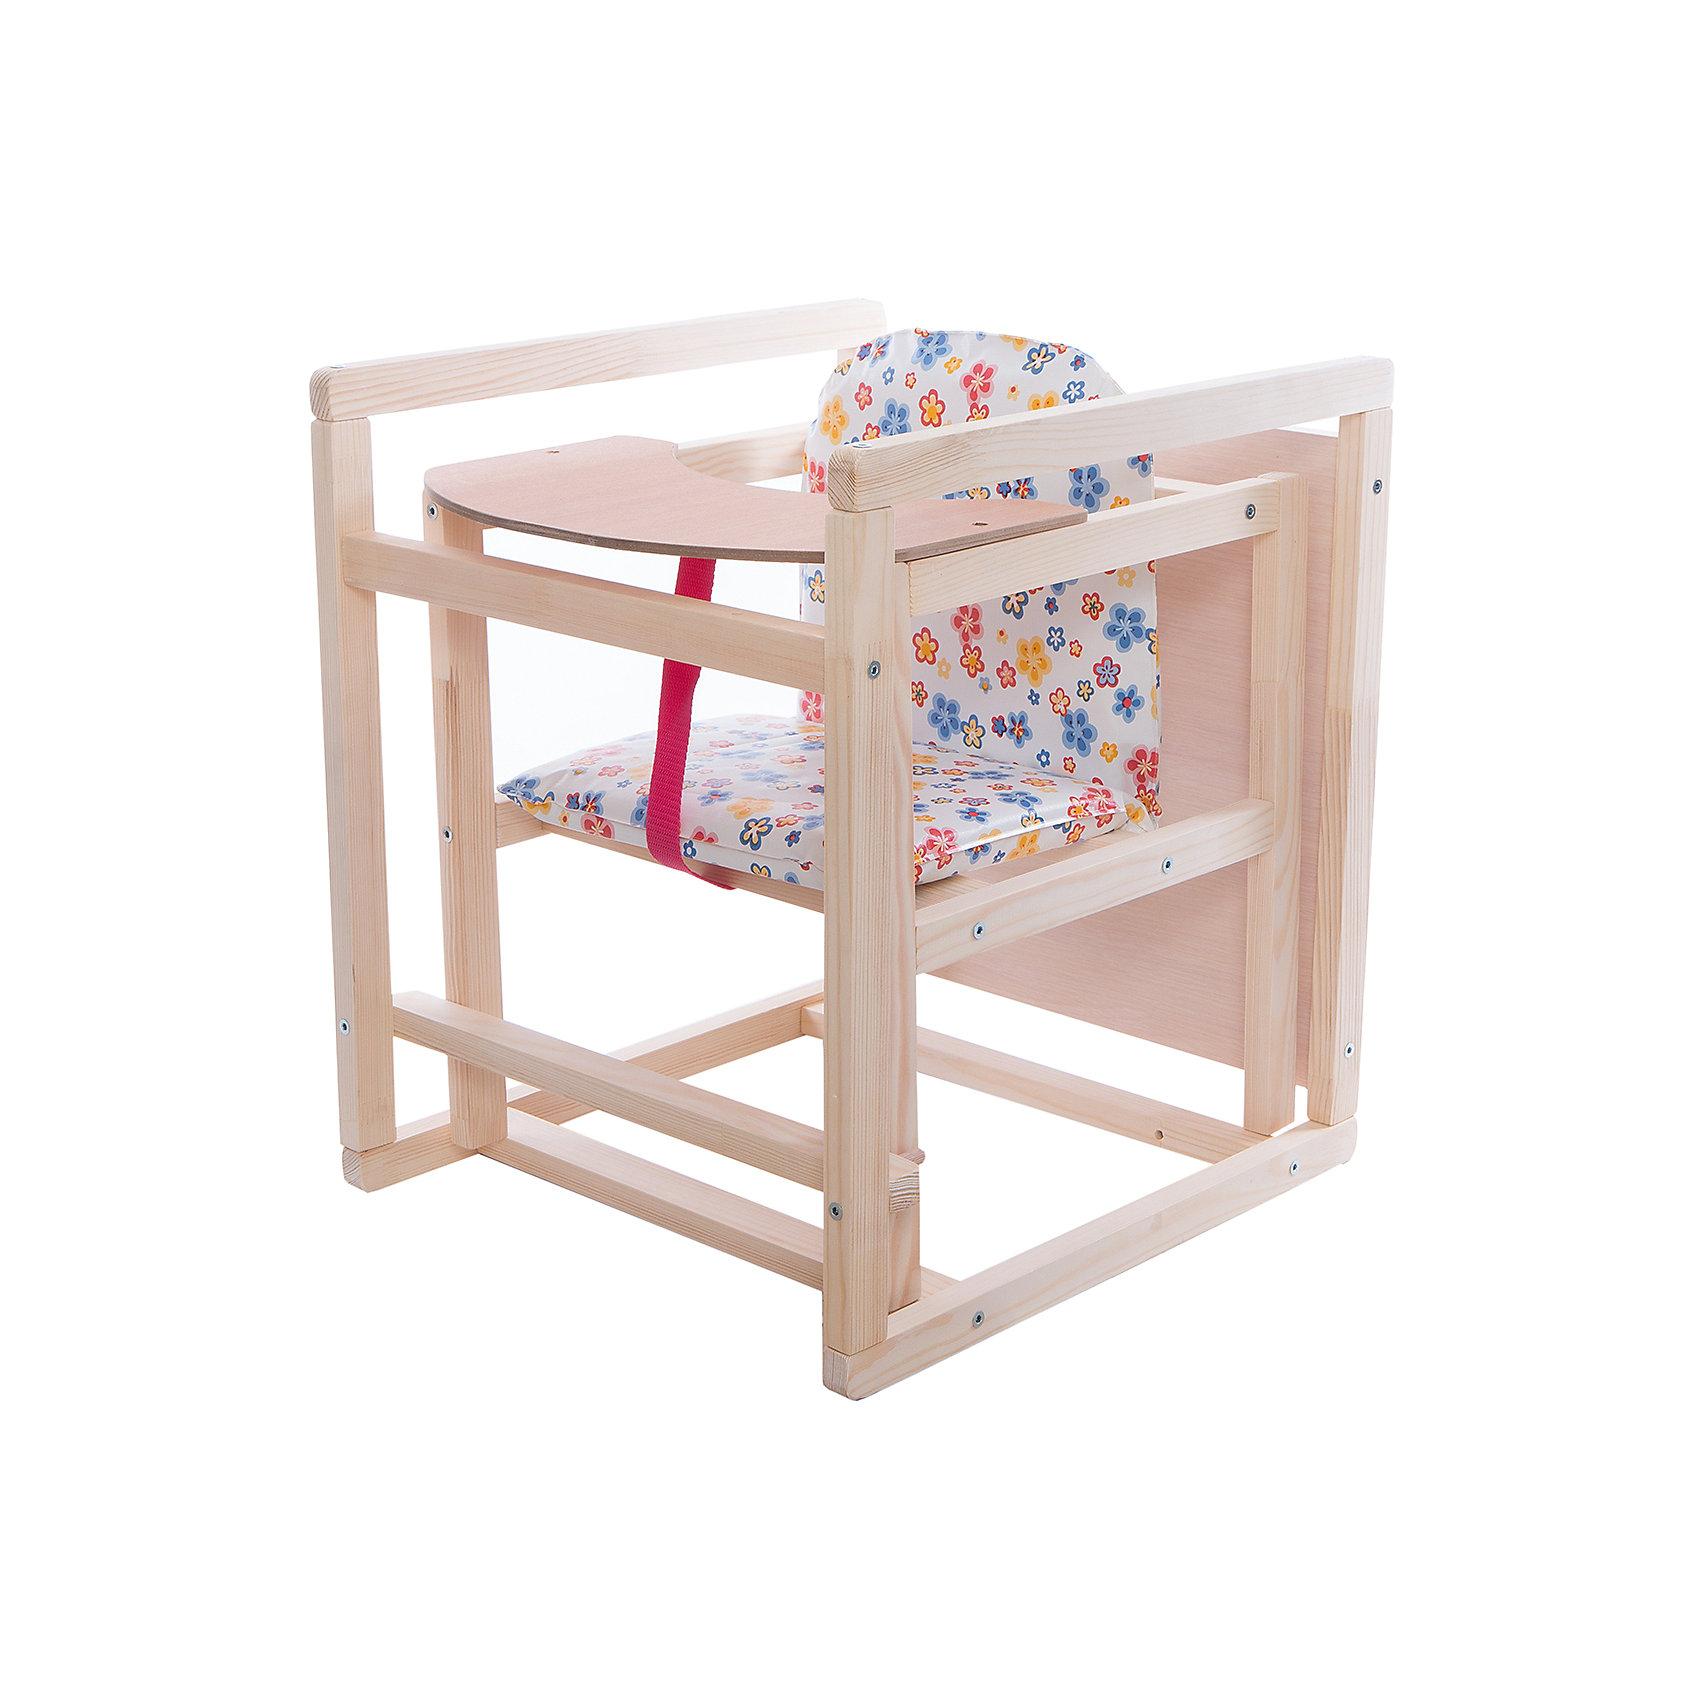 Стул комбинированный, массив сосны, синийтрансформеры<br>Характеристики:<br><br>• трансформер 2в1: низкий стульчик и столик с большой столешницей;<br>• стул оснащён упорами от заднего опрокидывания;<br>• имеется страховочный ремешок-разделитель;<br>• сиденье покрыто моющейся клеёнкой с  мягким наполнителем;<br>• столешница съемная;<br>• материал конструктивных элементов: массив сосны, <br>• материал столешницы: ДСП;<br>• покраска – лак на водной основе.<br><br>Размеры стульчика в собранном виде: 42х73х46,5 см<br>Размеры столика (стол-стул): 42х47х50 см<br>Размер упаковки: 49х40х12 см<br>Вес в упаковке: 4 кг<br><br>Комбинированный стул-трансформер 2в1 трансформируется в стульчик для кормления со съемной столешницей и отдельный стул с партой. Съёмную столешницу можно промыть под краном, а сиденье стульчика легко чистится влажной салфеткой. Большой размер столика рассчитан не только для кормления ребёнка, но и для игровой развивающей деятельности.<br><br>Рекомендации от производителя:<br><br>!  Применение растворителей не допускается.<br>!  Никогда не ставьте ребенка ножками на сиденье.<br>!  Обязательно устанавливайте стул-стол на ровной, устойчивой поверхности.  <br>!  Качание не допускается.<br>!  Не оставляйте ребенка без присмотра при высоком положении стула.<br>! Периодически проверяйте крепление винтов стульчика.   <br><br>Стул комбинированный, массив сосны, синий можно купить в нашем интернет-магазине.<br><br>Ширина мм: 490<br>Глубина мм: 400<br>Высота мм: 120<br>Вес г: 4000<br>Возраст от месяцев: 6<br>Возраст до месяцев: 36<br>Пол: Унисекс<br>Возраст: Детский<br>SKU: 5513646